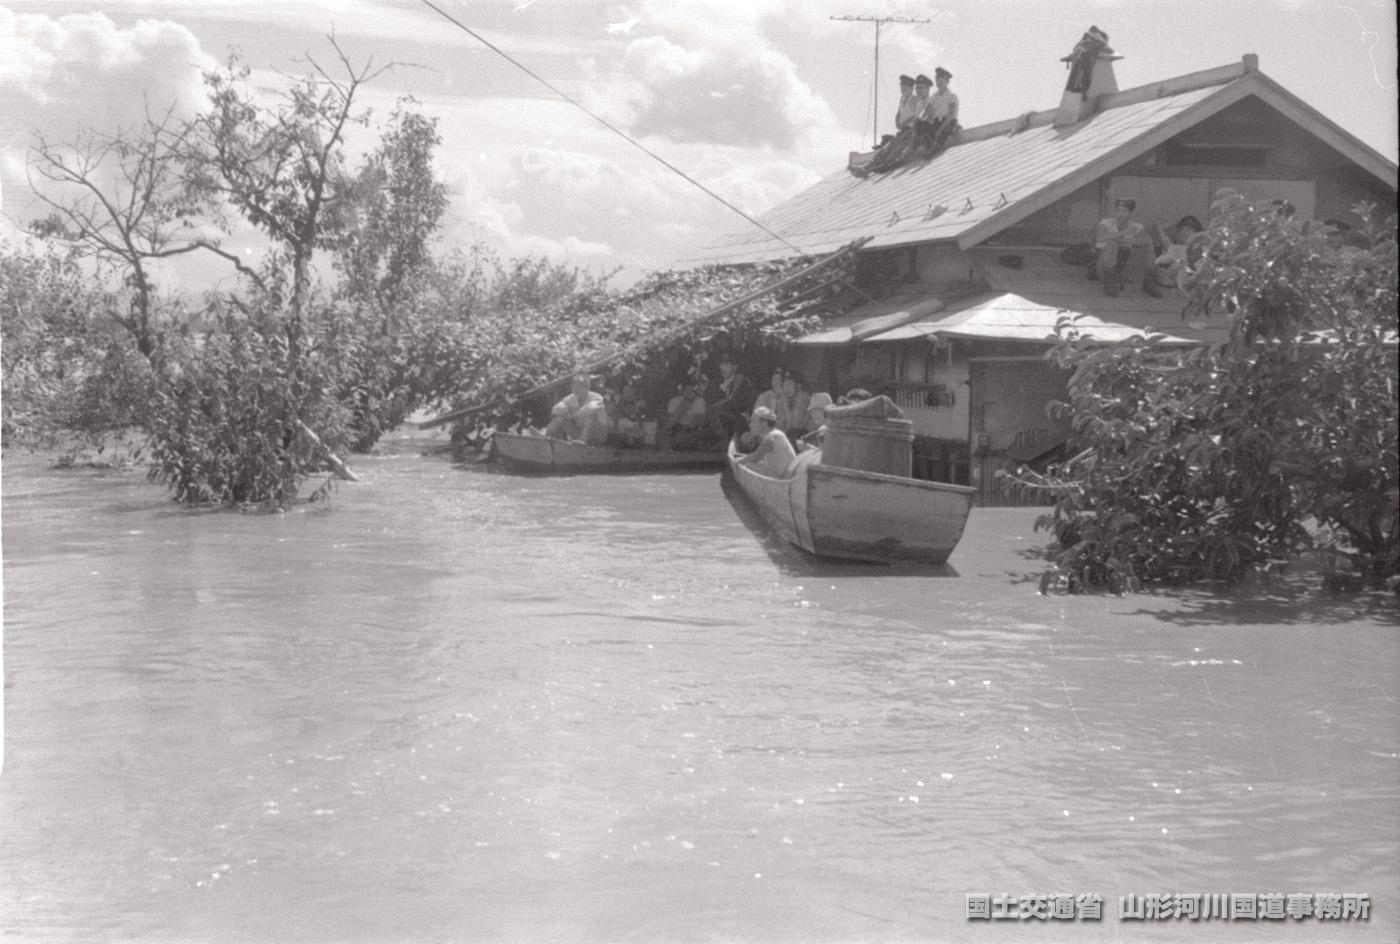 河北町|写真|羽越水害アーカイブ 〜忘れない、水害への備え〜